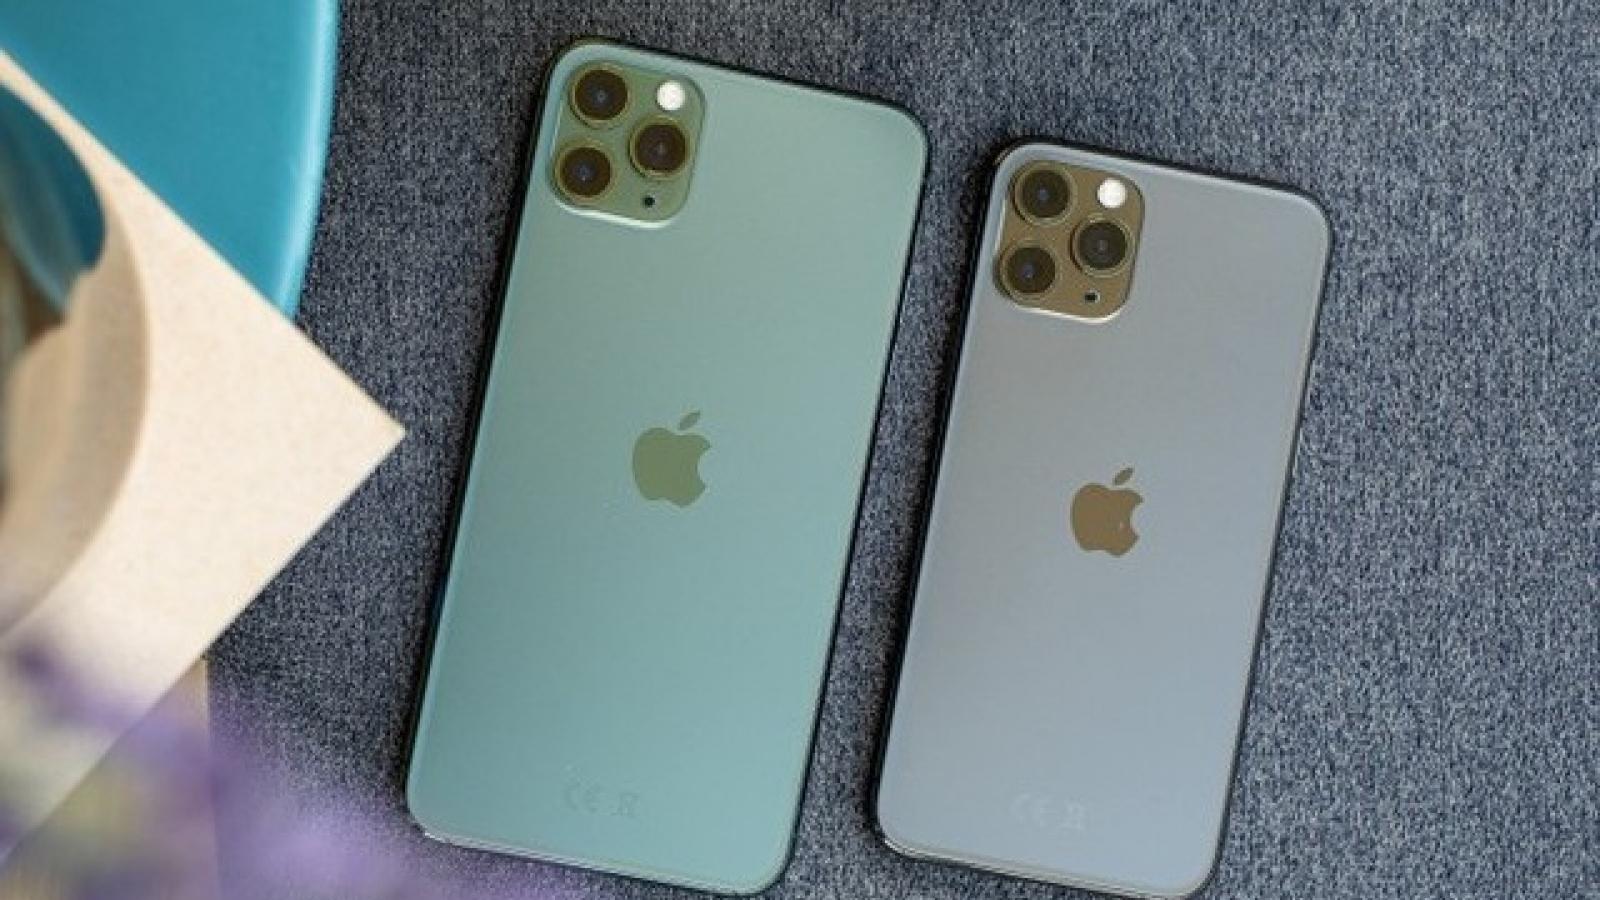 Đại lý xả hàng, iPhone cũ liên tục giảm giá ngày cận Tết